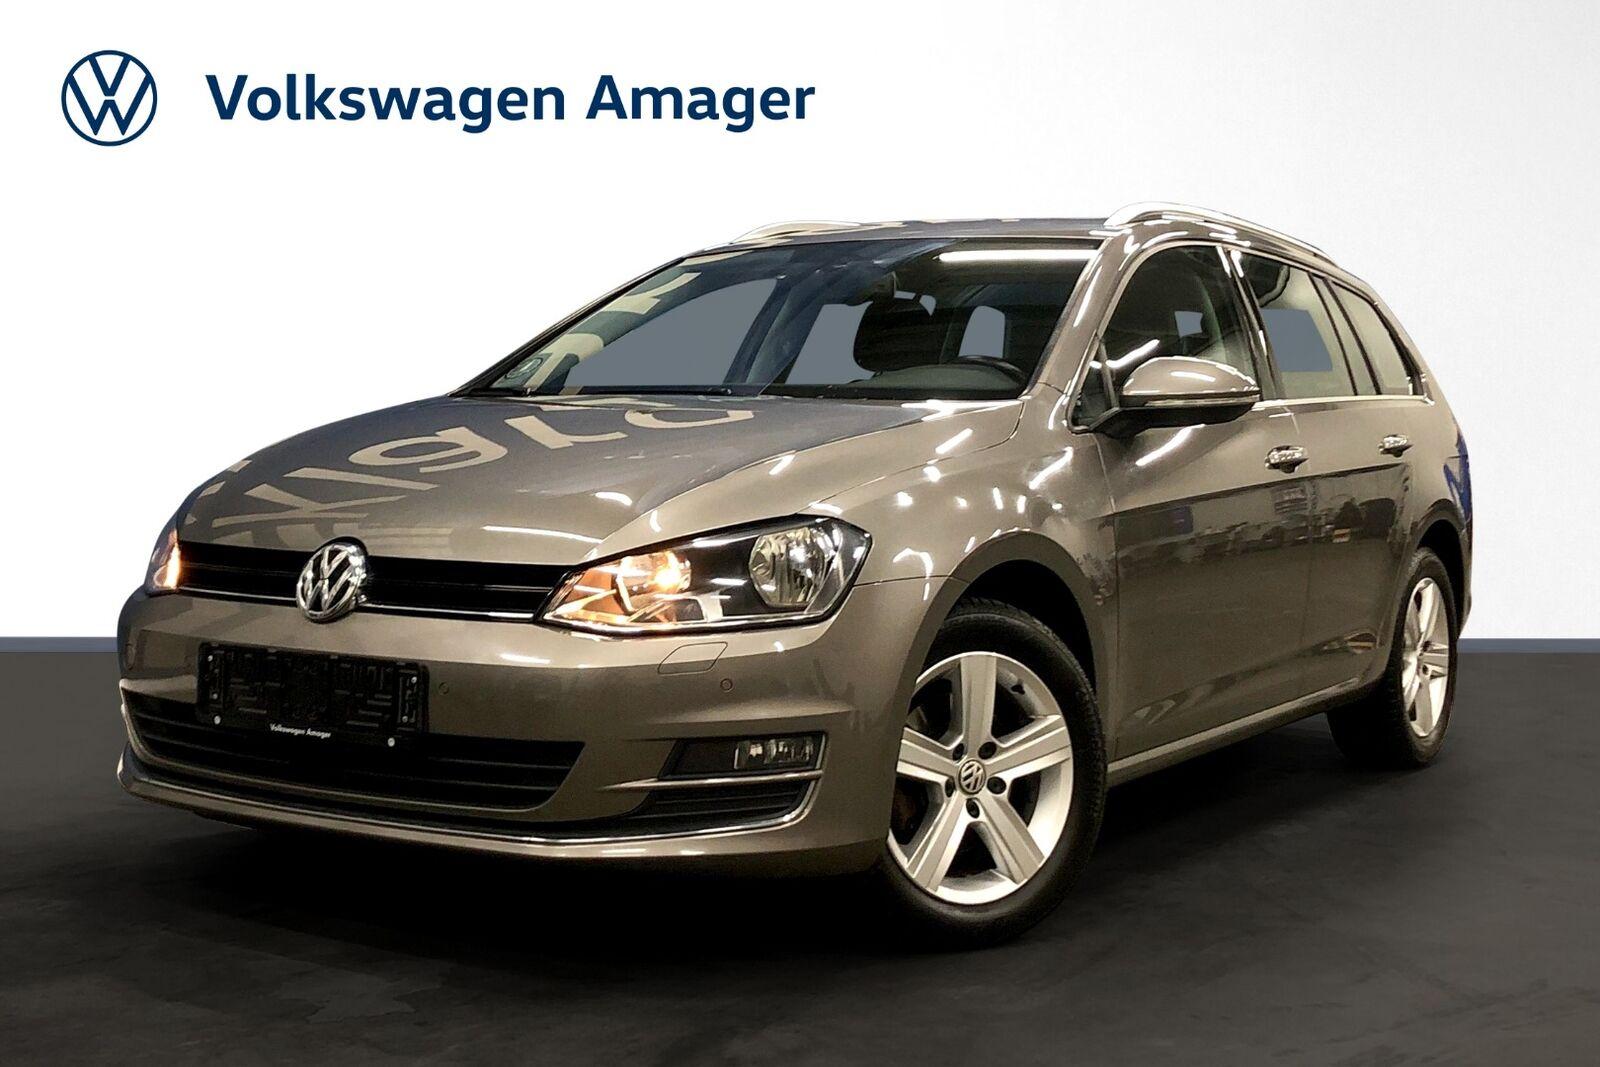 VW Golf VII 1,4 TSi 150 Highl. Vari. DSG BMT 5d - 219.900 kr.